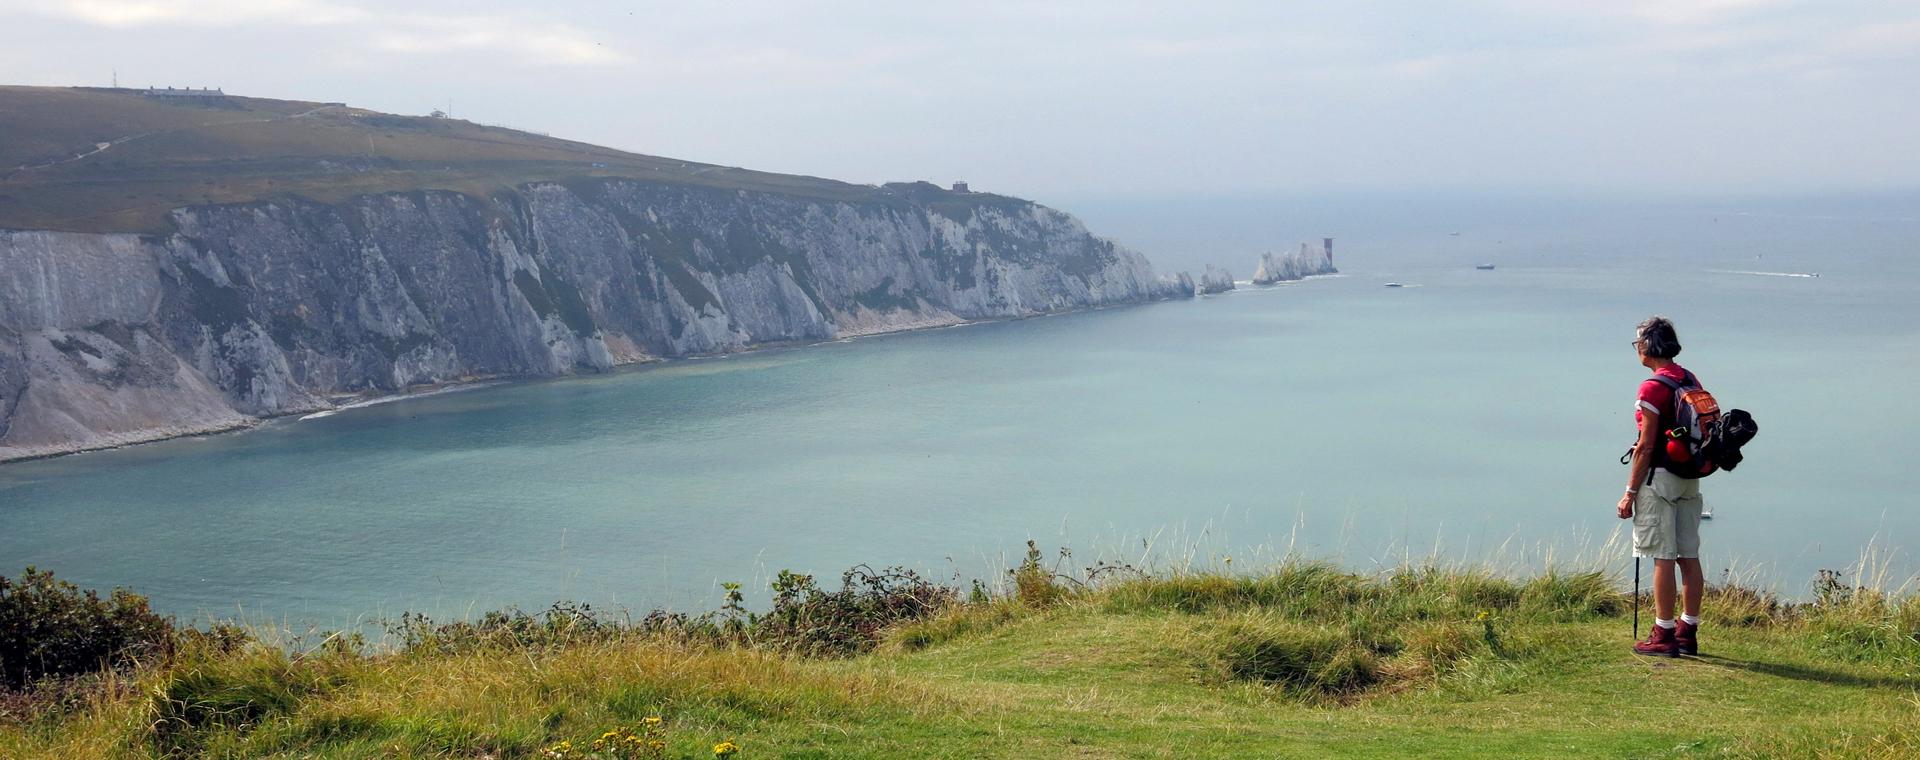 Image La Beauté de l'île de Wight